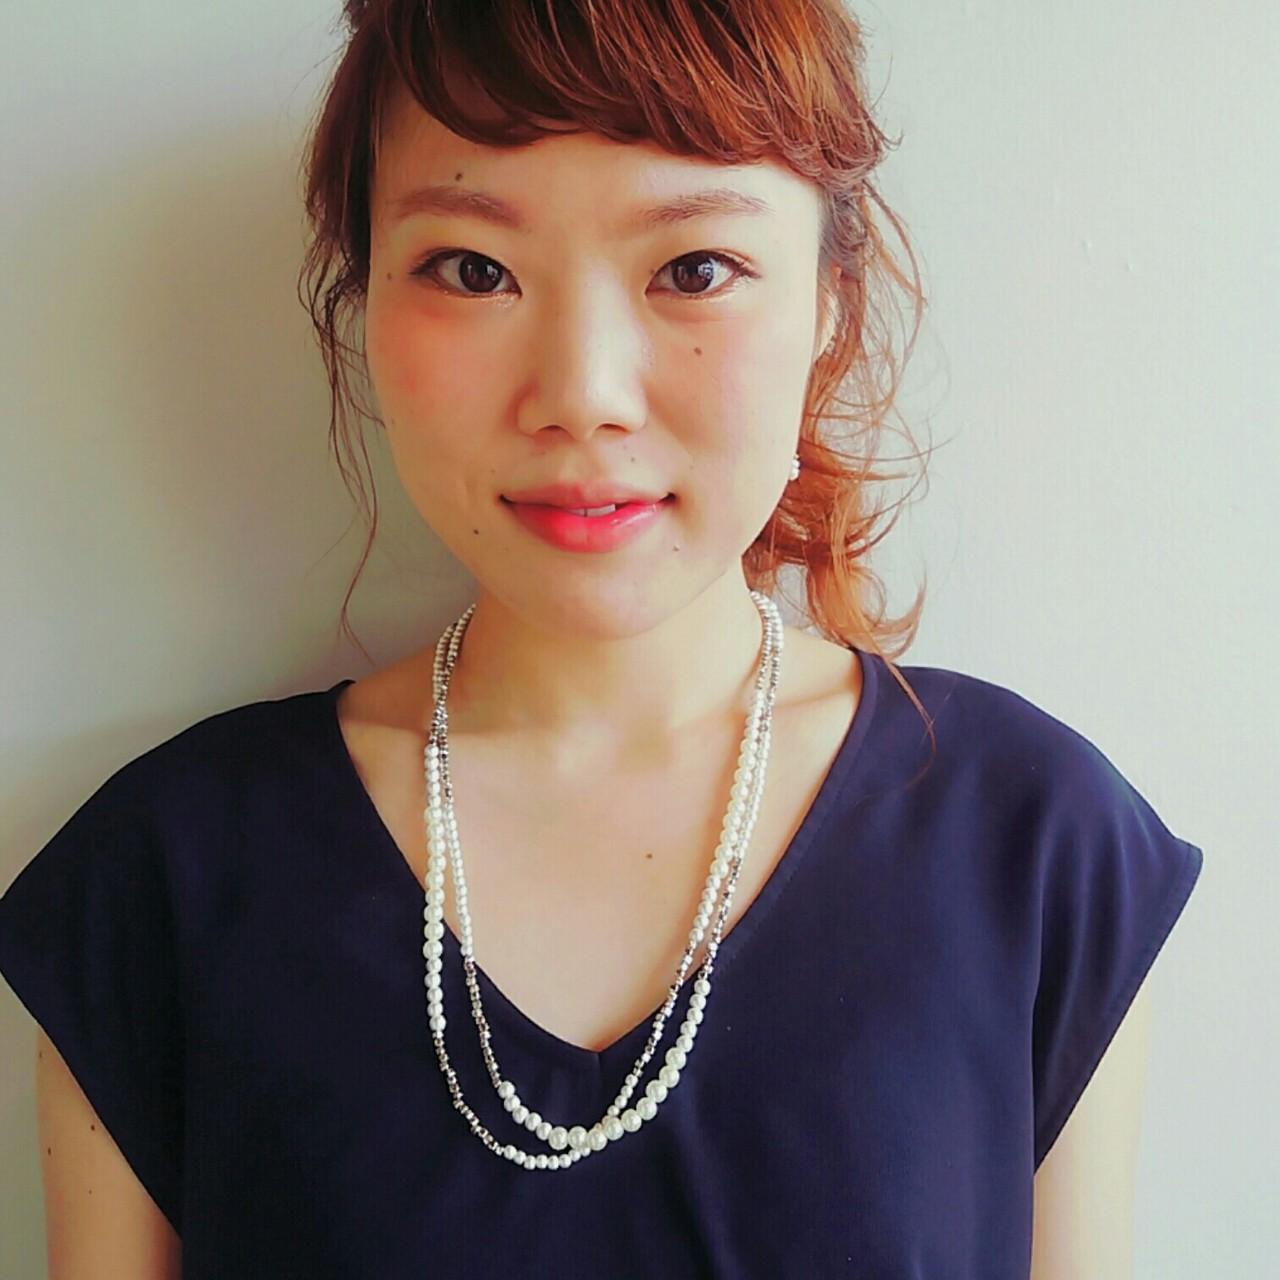 ヘアアレンジ 大人かわいい ナチュラル ロング ヘアスタイルや髪型の写真・画像 | 池田香織 / MODE K's